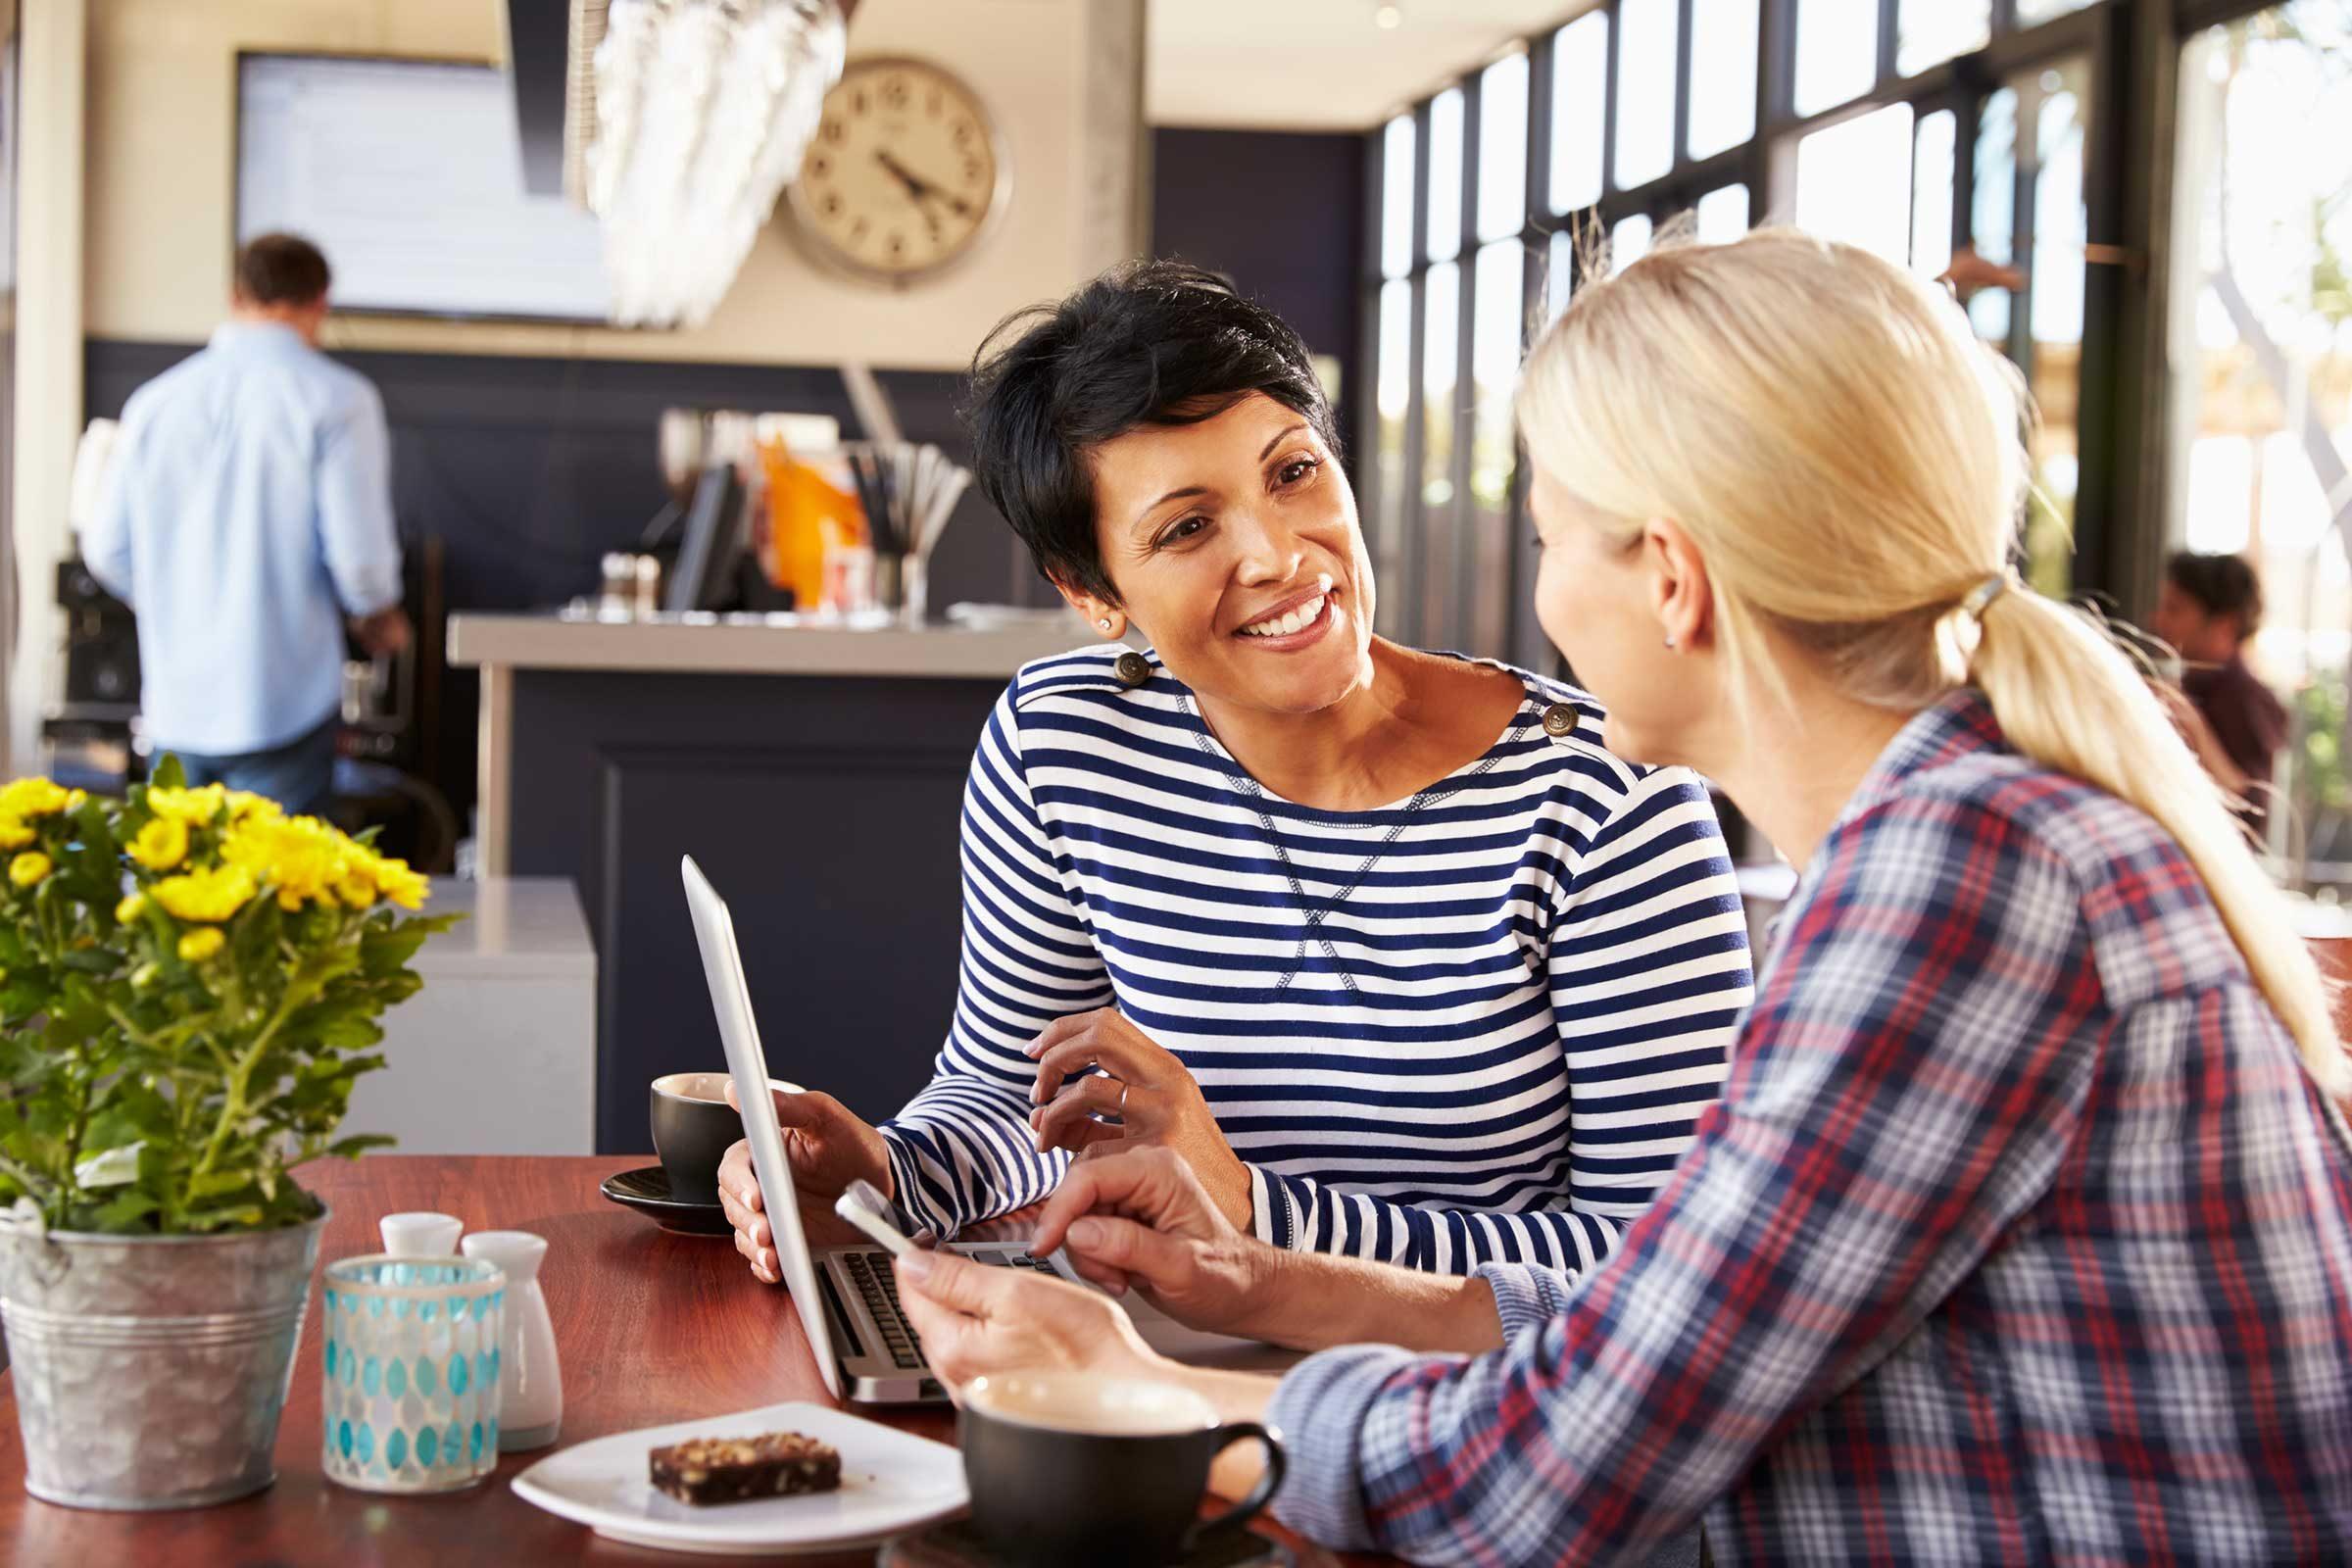 Trouver le mot juste pour souligner les qualités ou les réalisations de quelqu'un est une très bonne habitude à prendre.